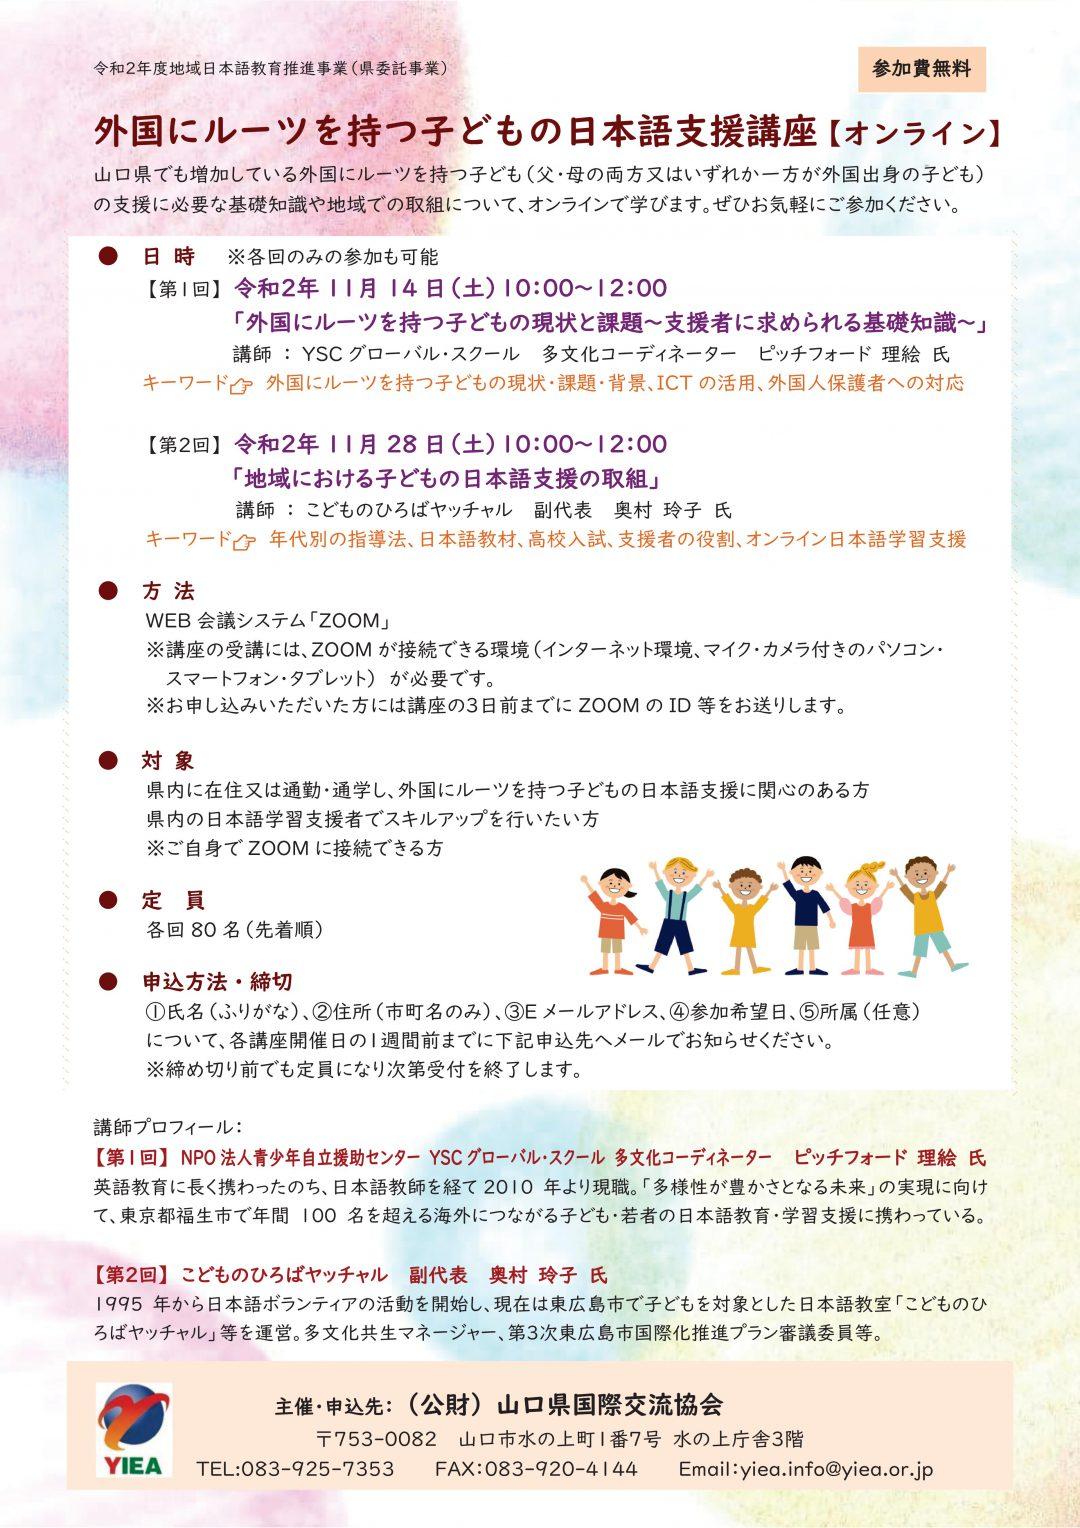 画像:令和2年度地域日本語教育推進事業(県委託事業)「外国にルーツを持つ子どもの日本語支援講座(オンライン)」参加者募集